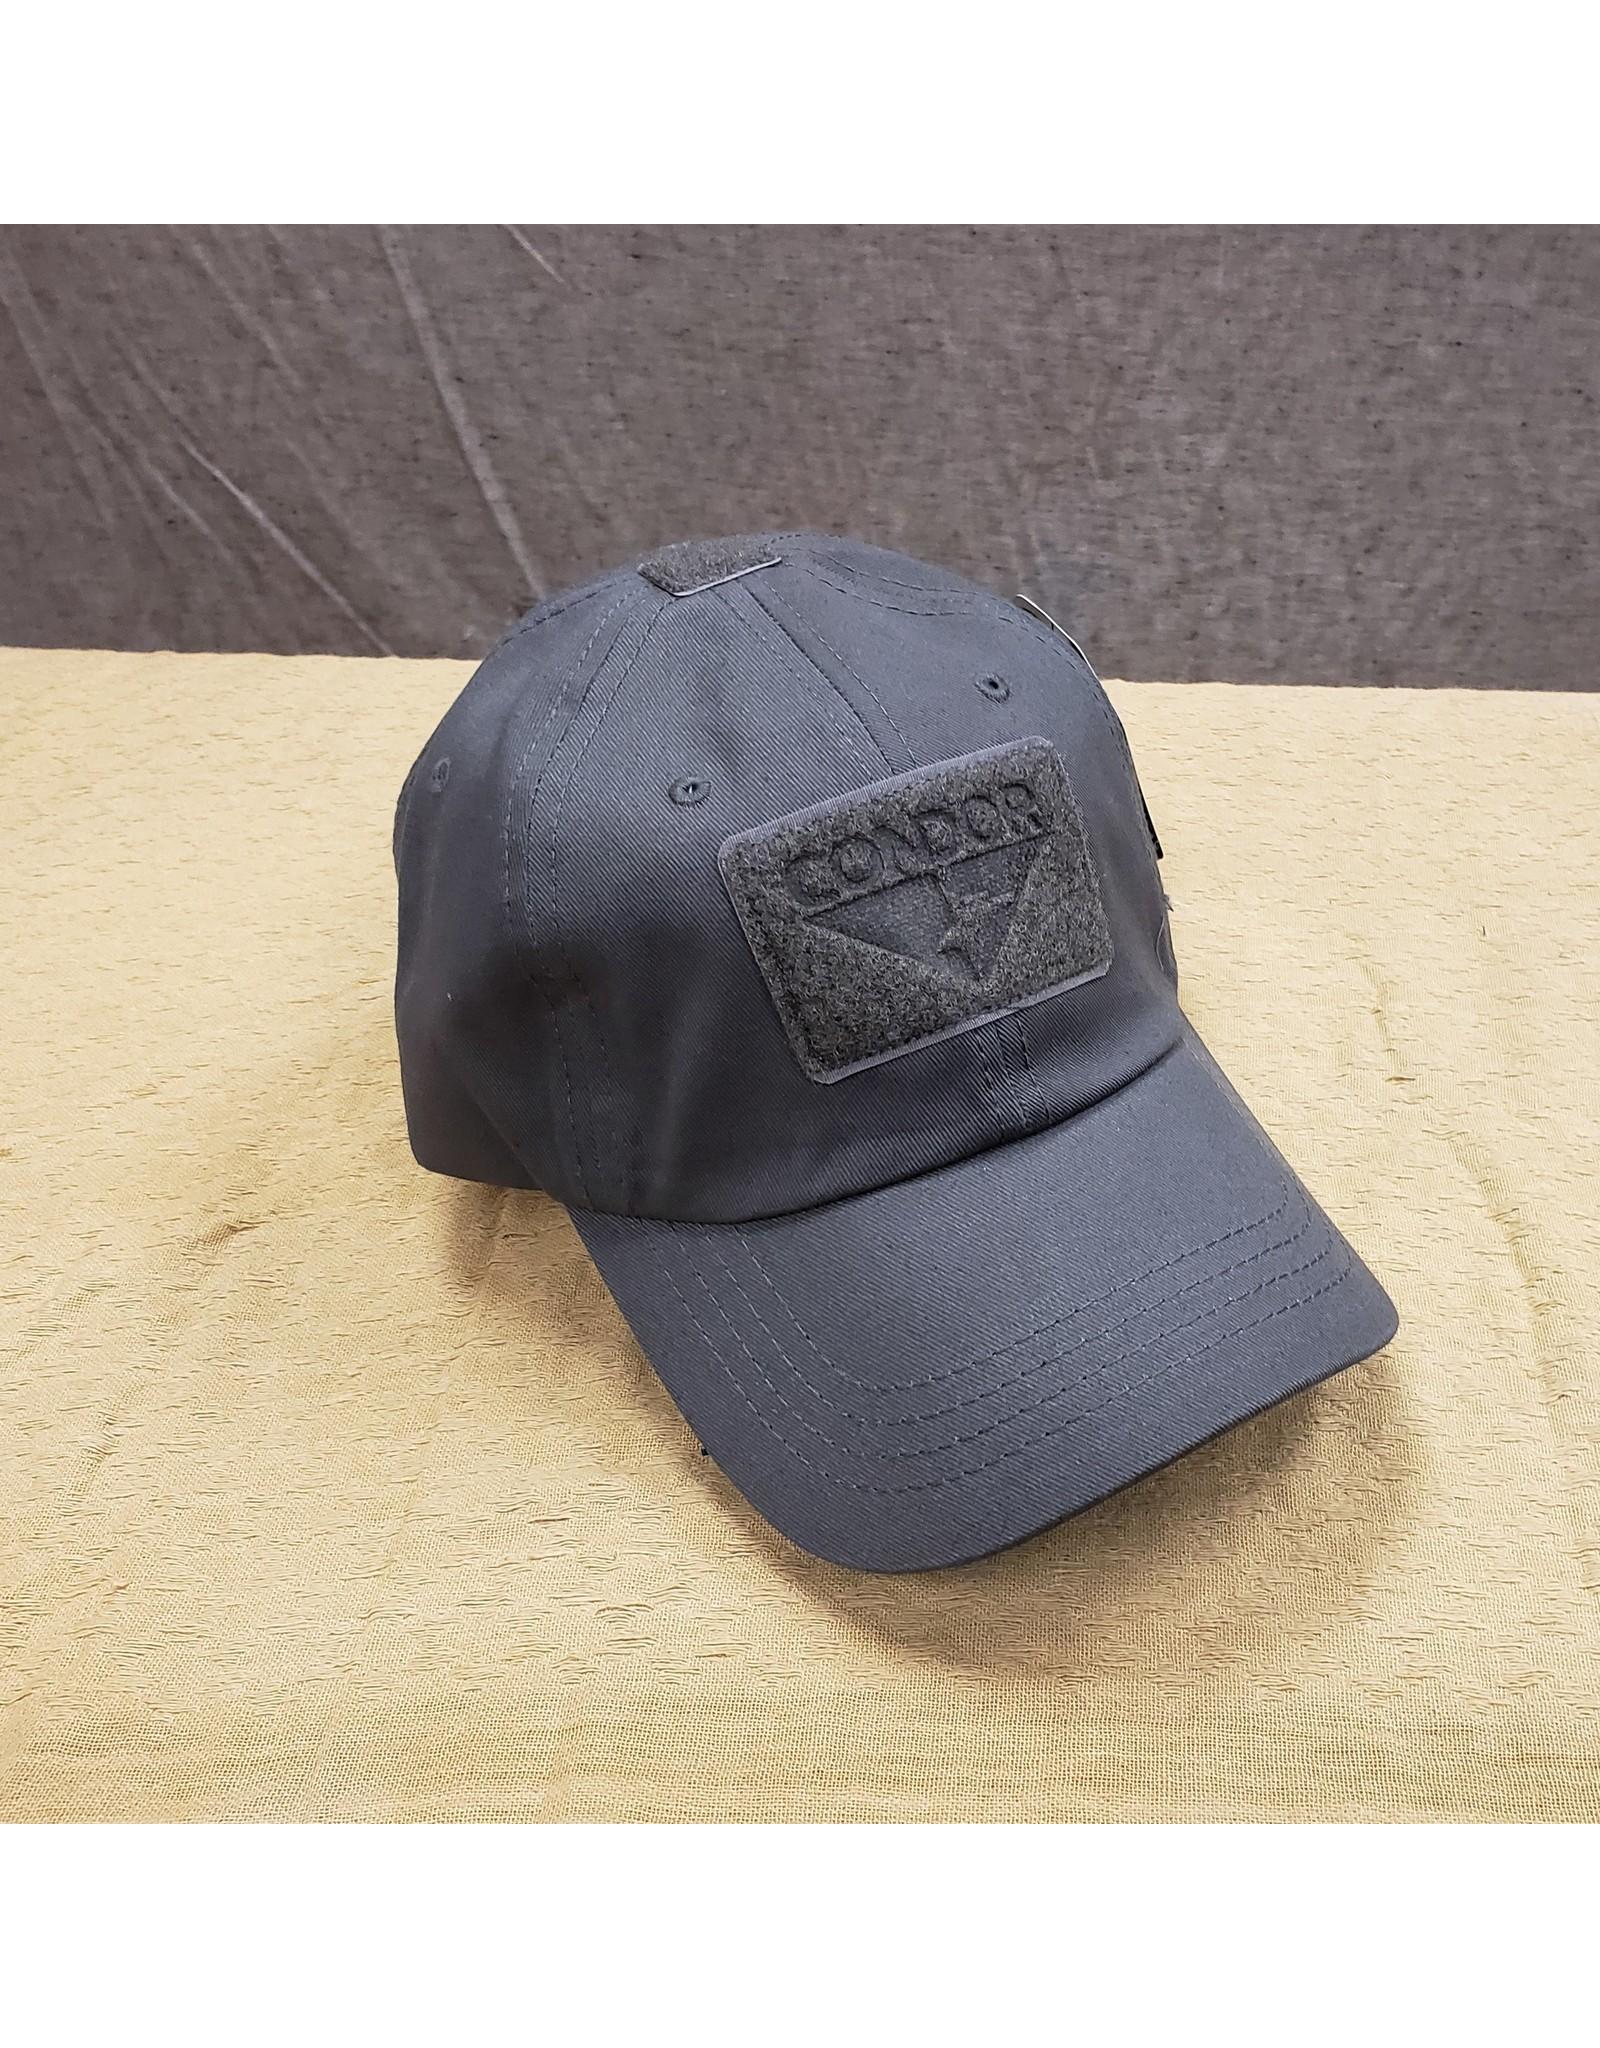 CONDOR TACTICAL CONDOR TACTICAL CAP